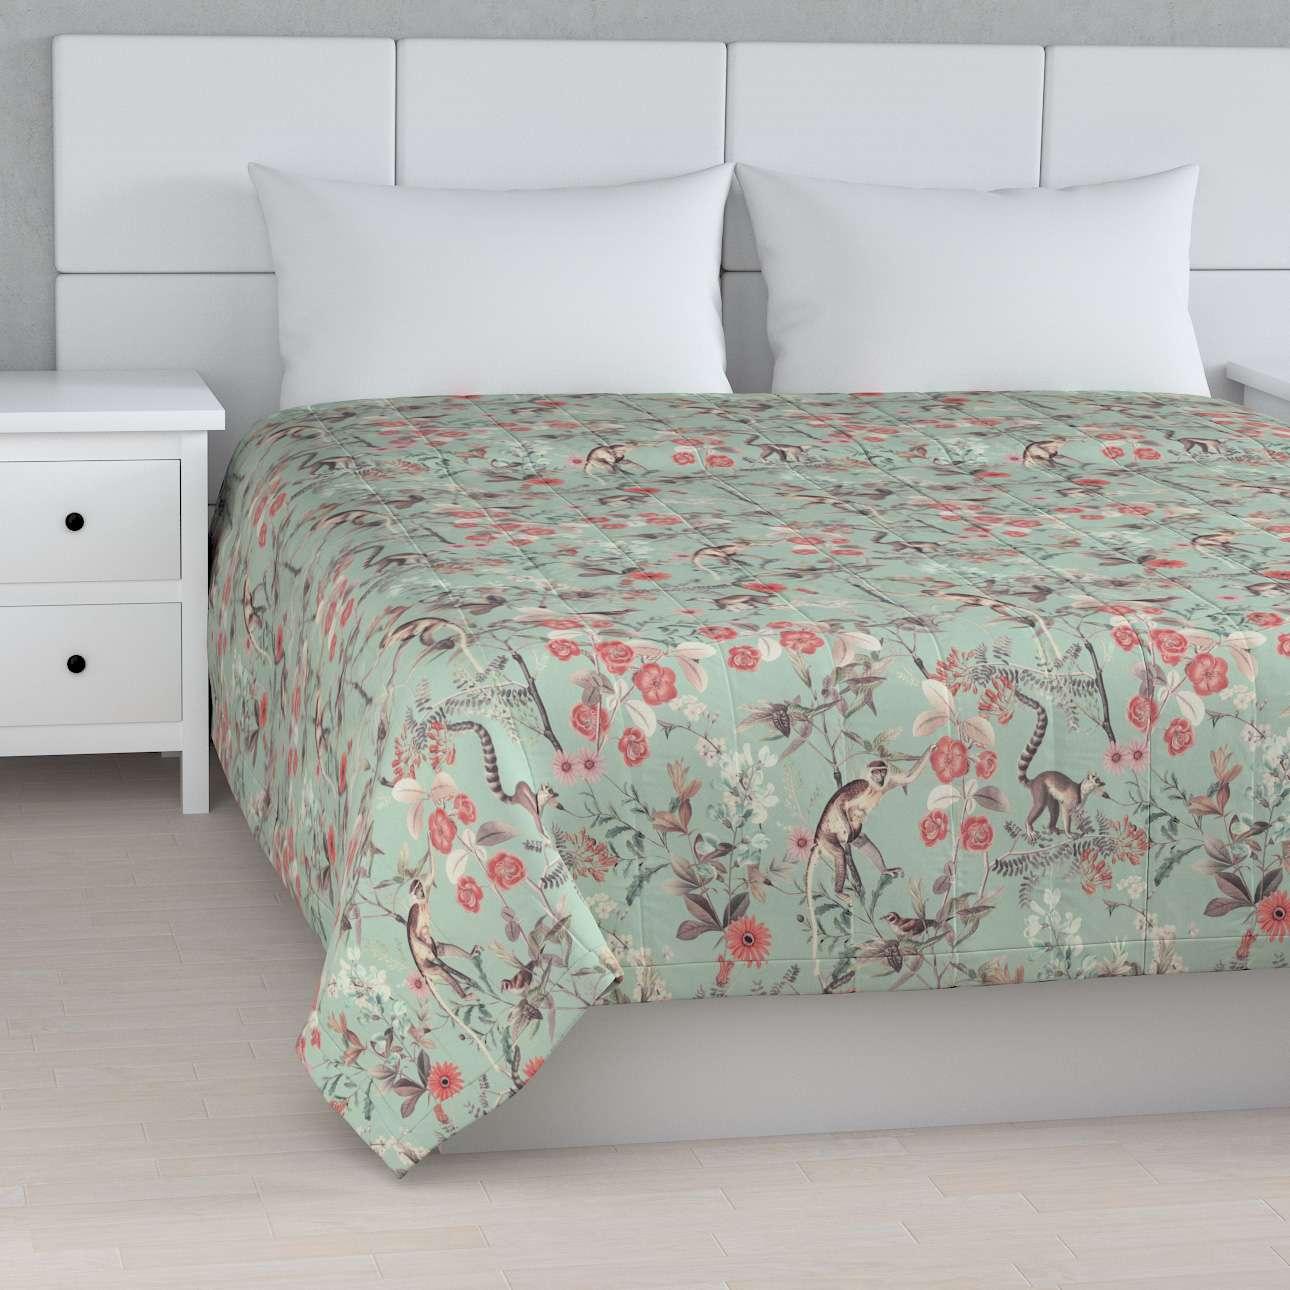 Narzuta pikowana w pasy w kolekcji Tropical Island, tkanina: 142-62